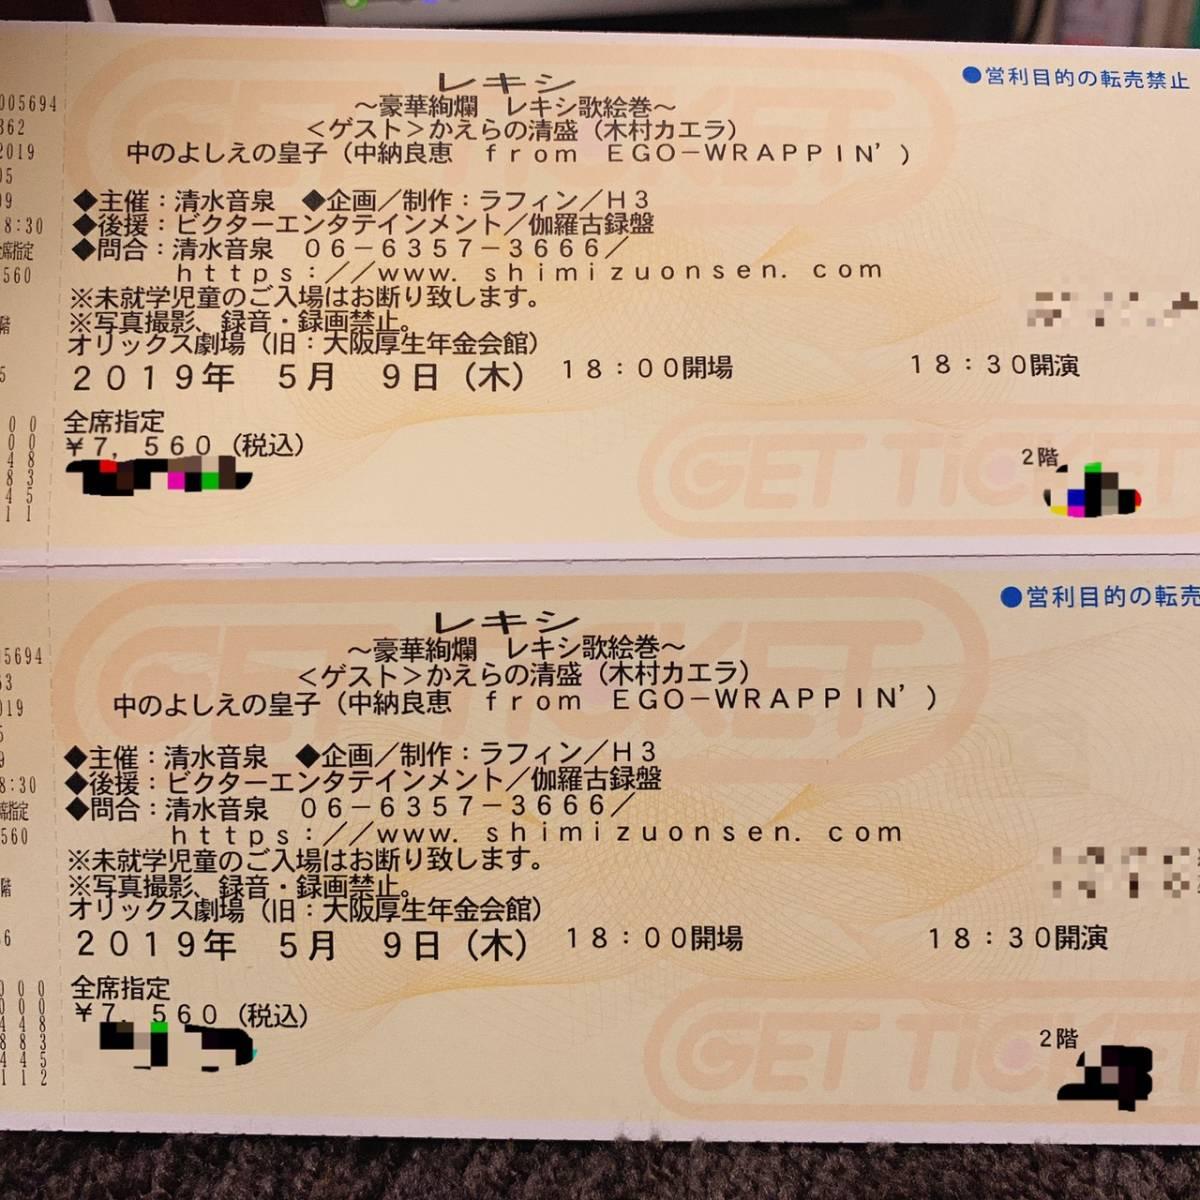 5/9(水)レキシ ~豪華絢爛 レキシ歌絵巻~ ゲスト:木村カエラ 中納良恵 2階席 2枚セット